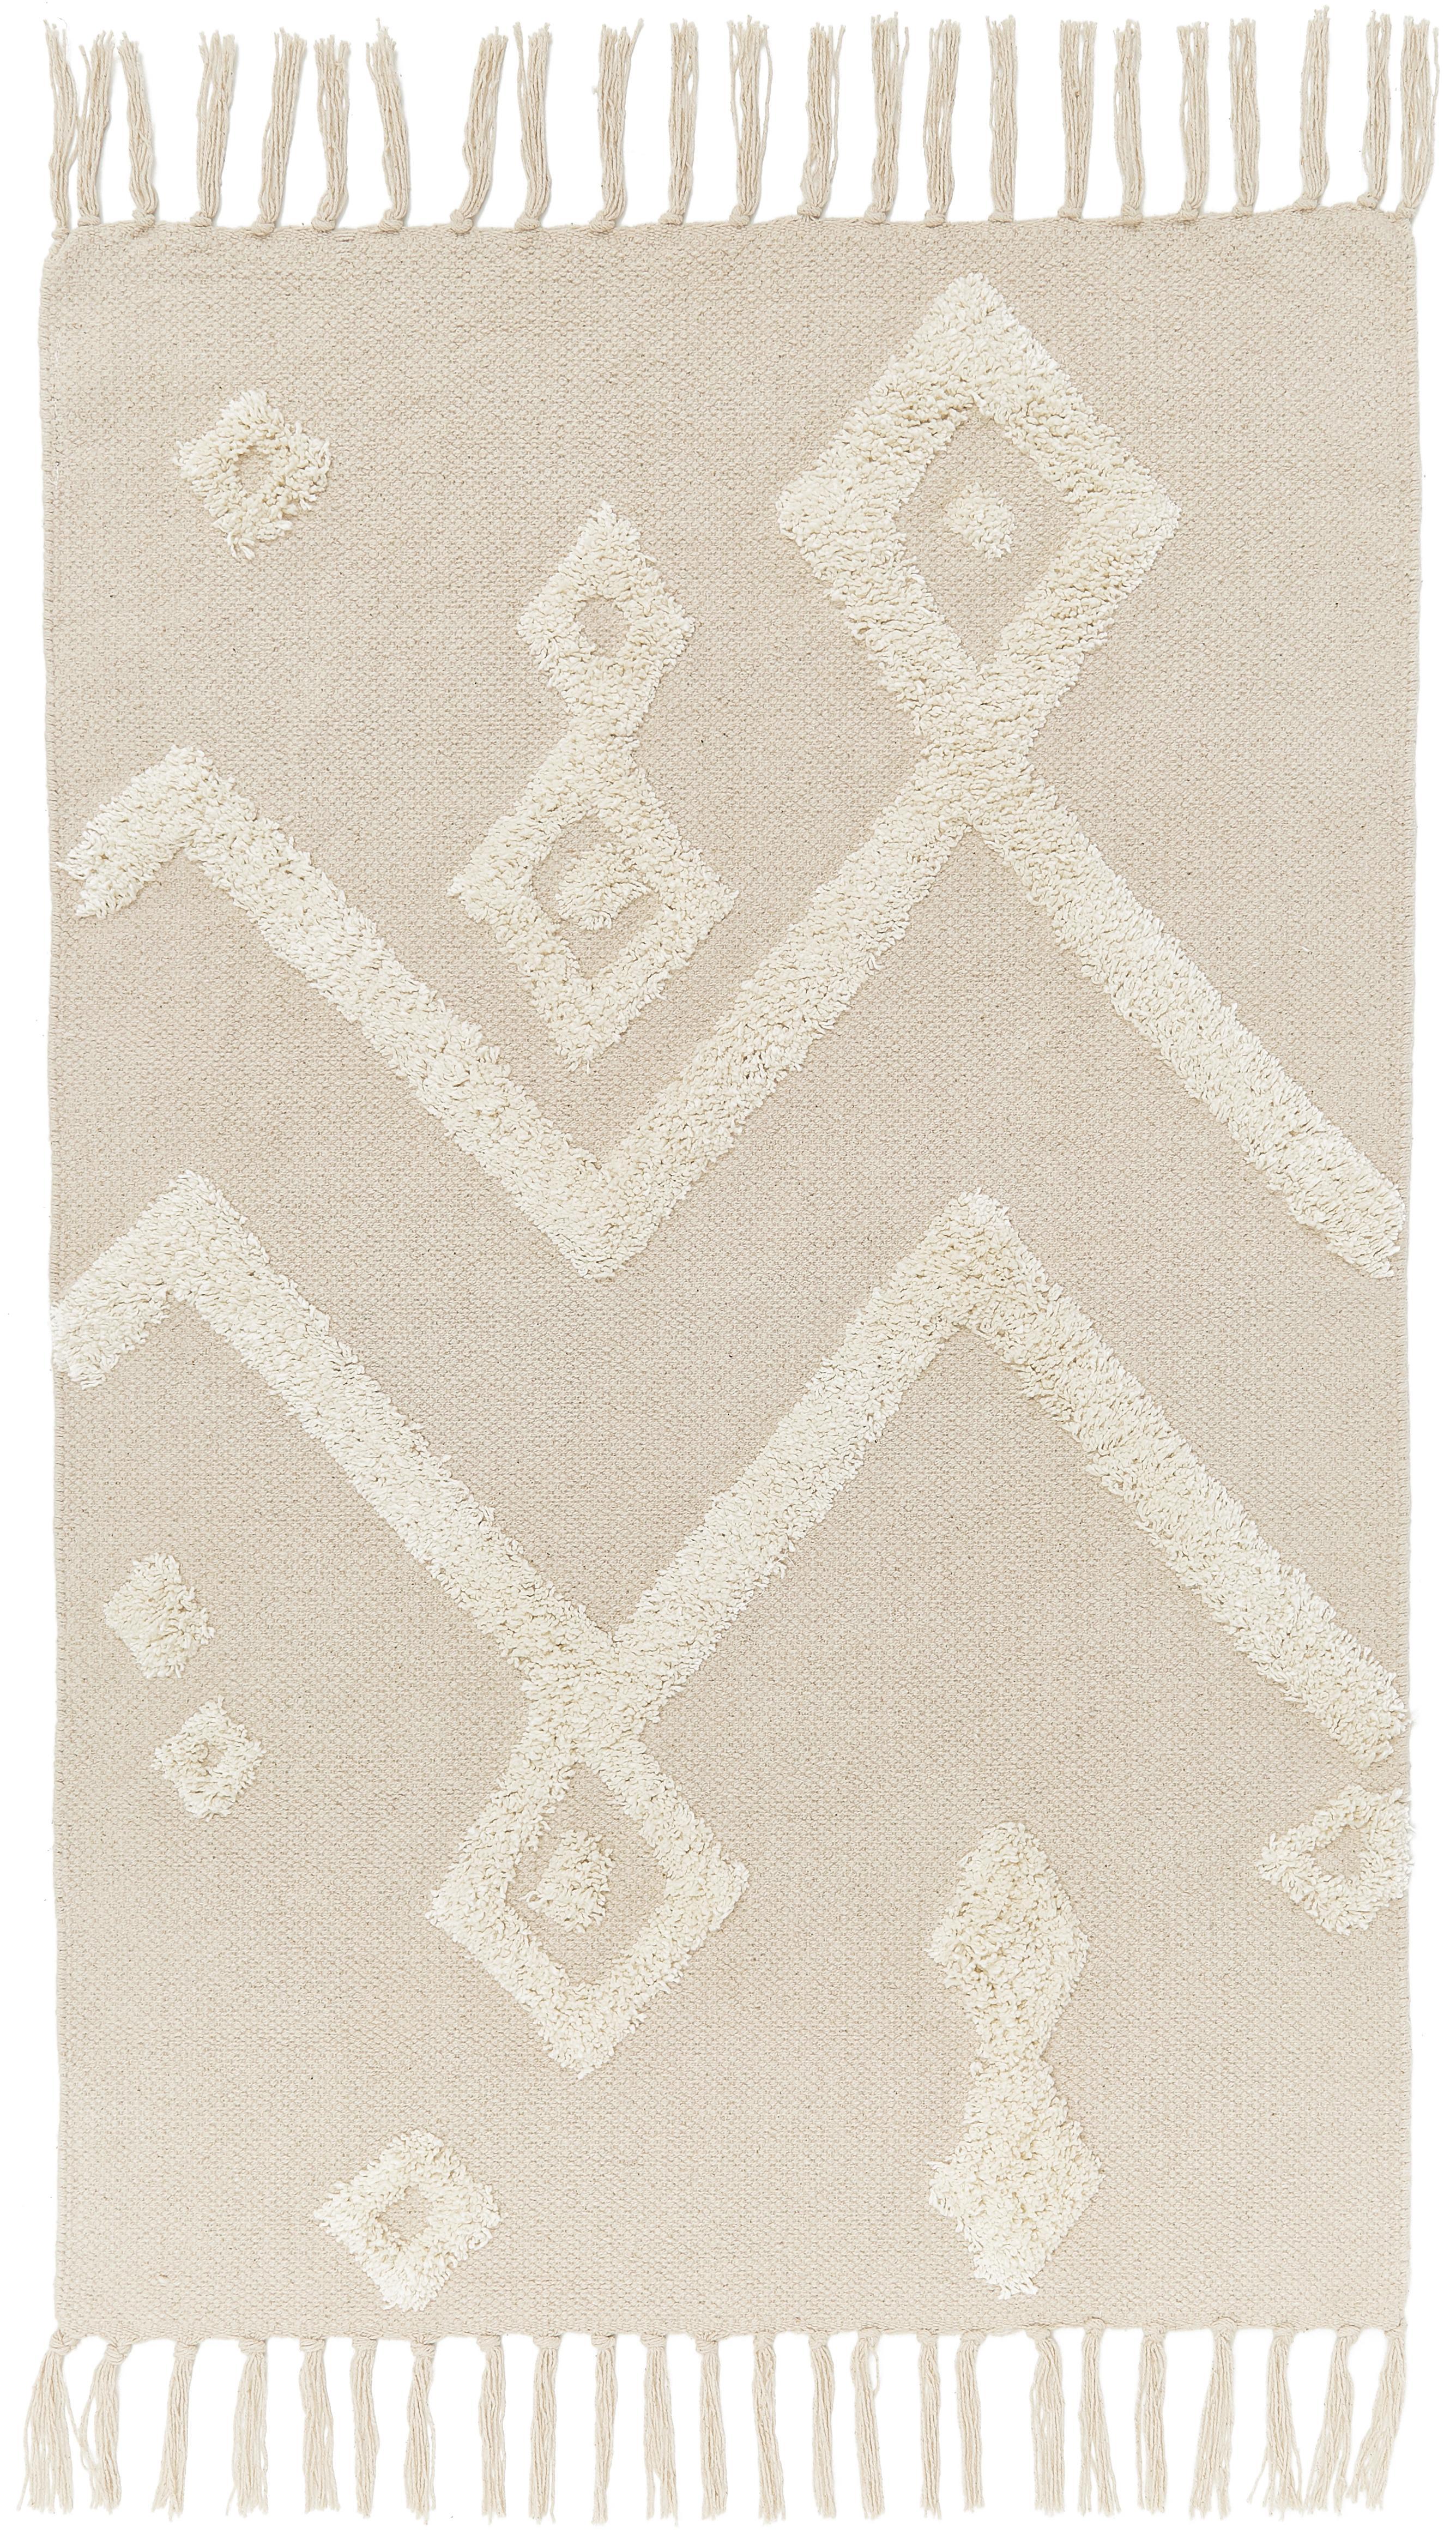 Vloerkleed Canvas met getufte decoratie, Katoen, Gebroken wit, B 60 x L 90 cm (maat XXS)